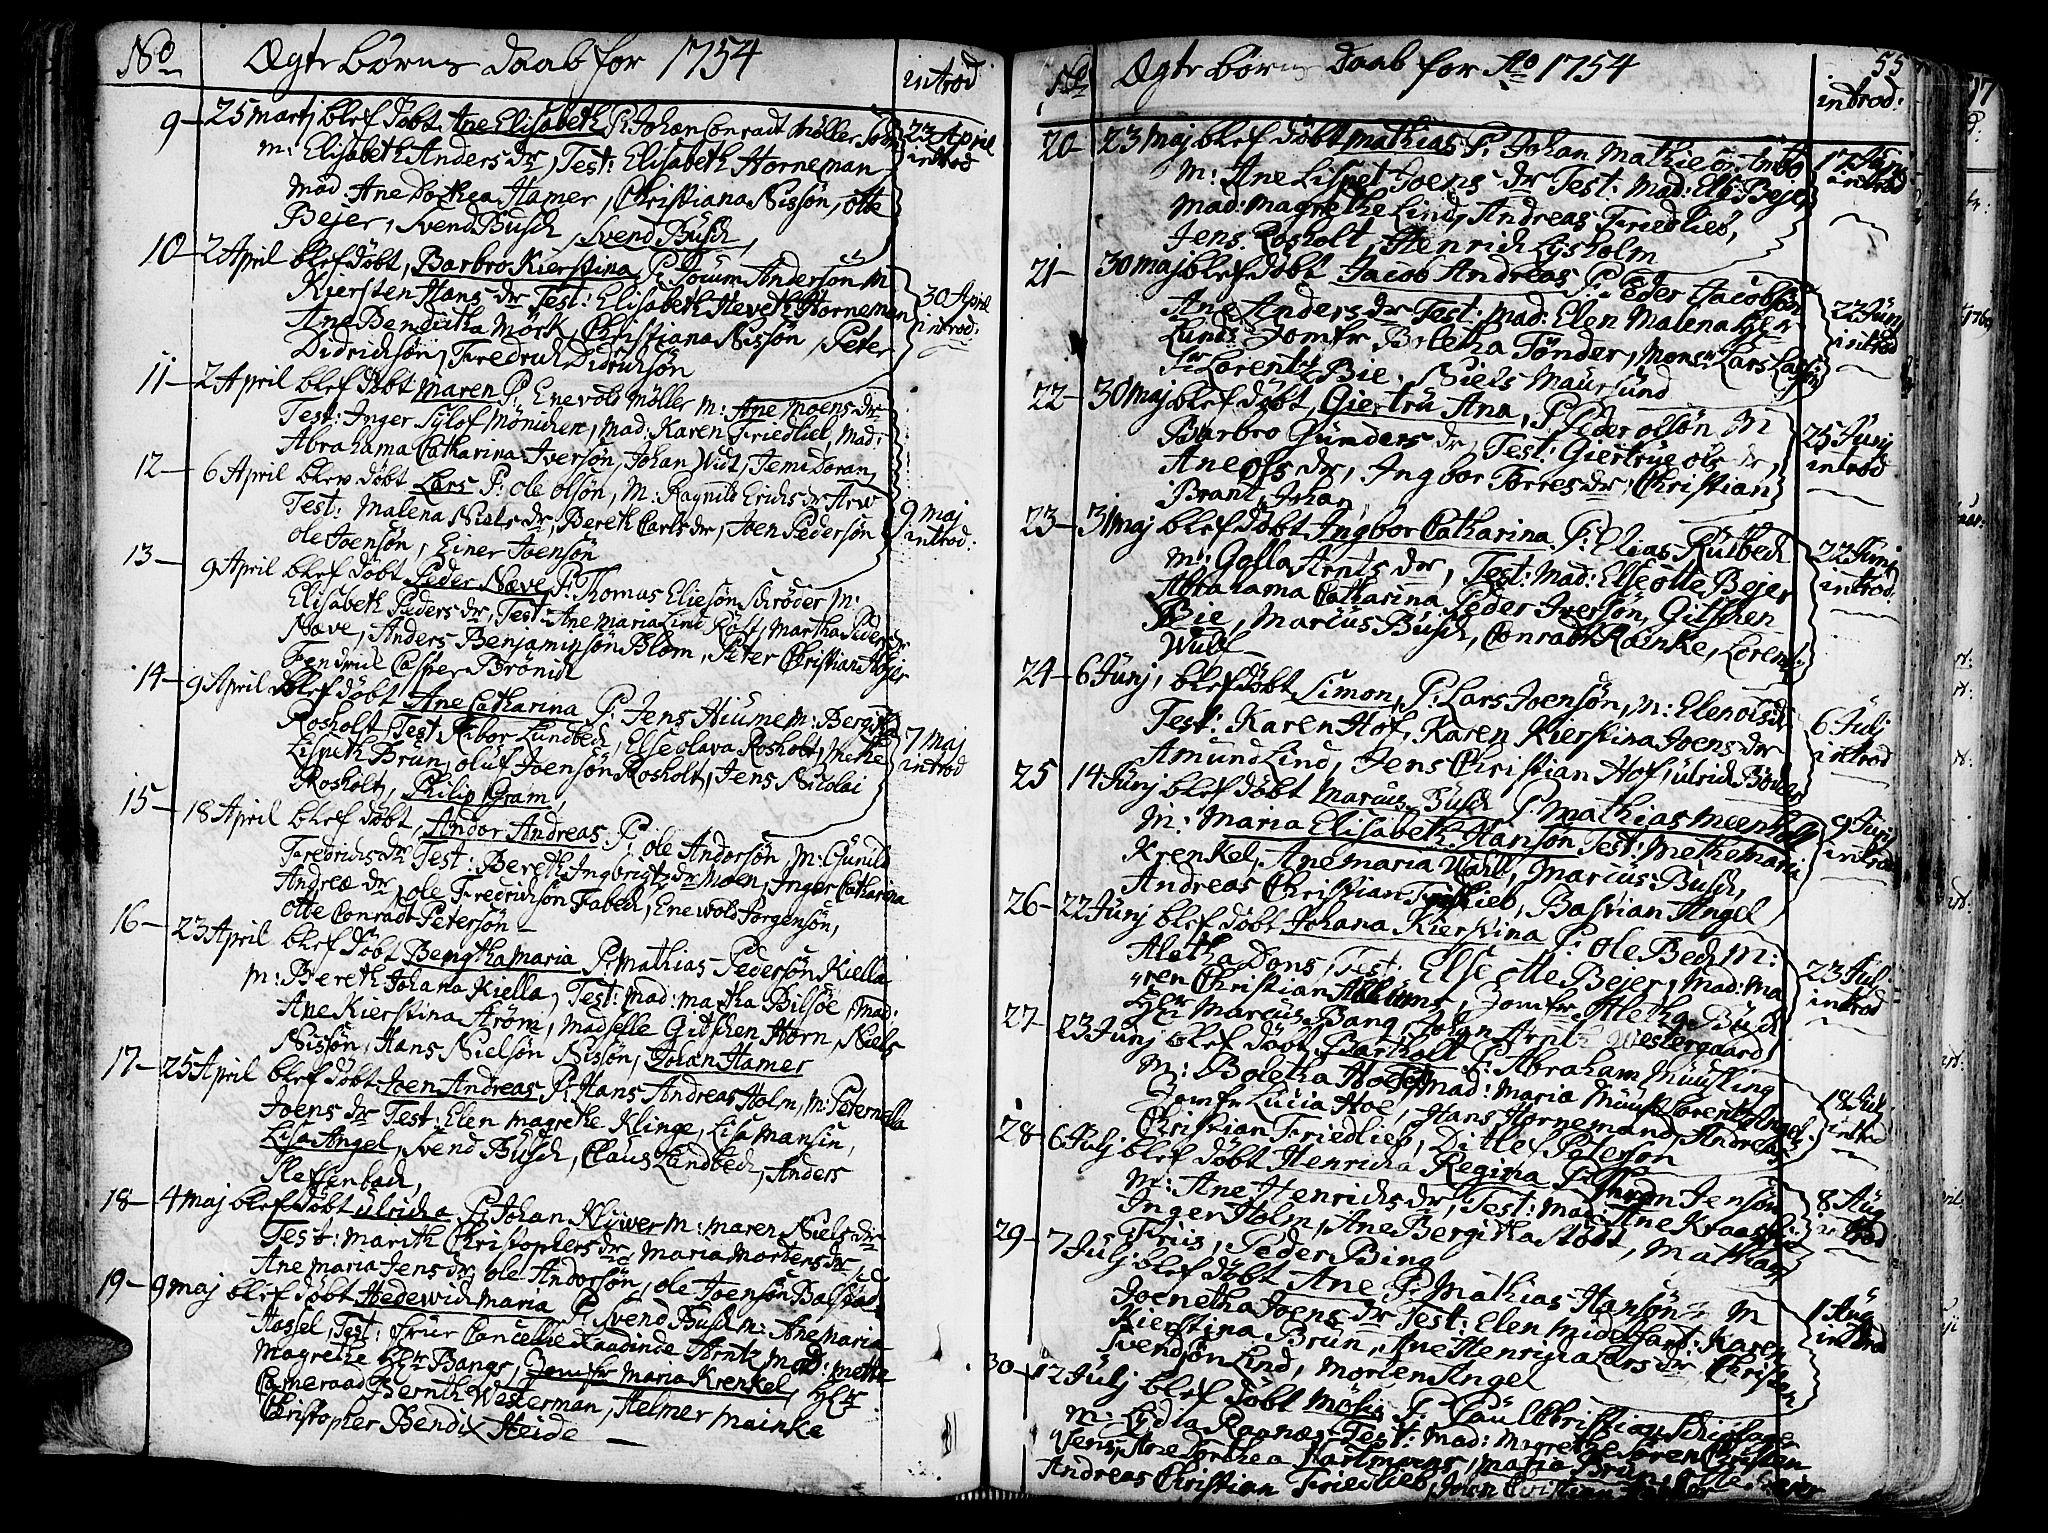 SAT, Ministerialprotokoller, klokkerbøker og fødselsregistre - Sør-Trøndelag, 602/L0103: Ministerialbok nr. 602A01, 1732-1774, s. 55